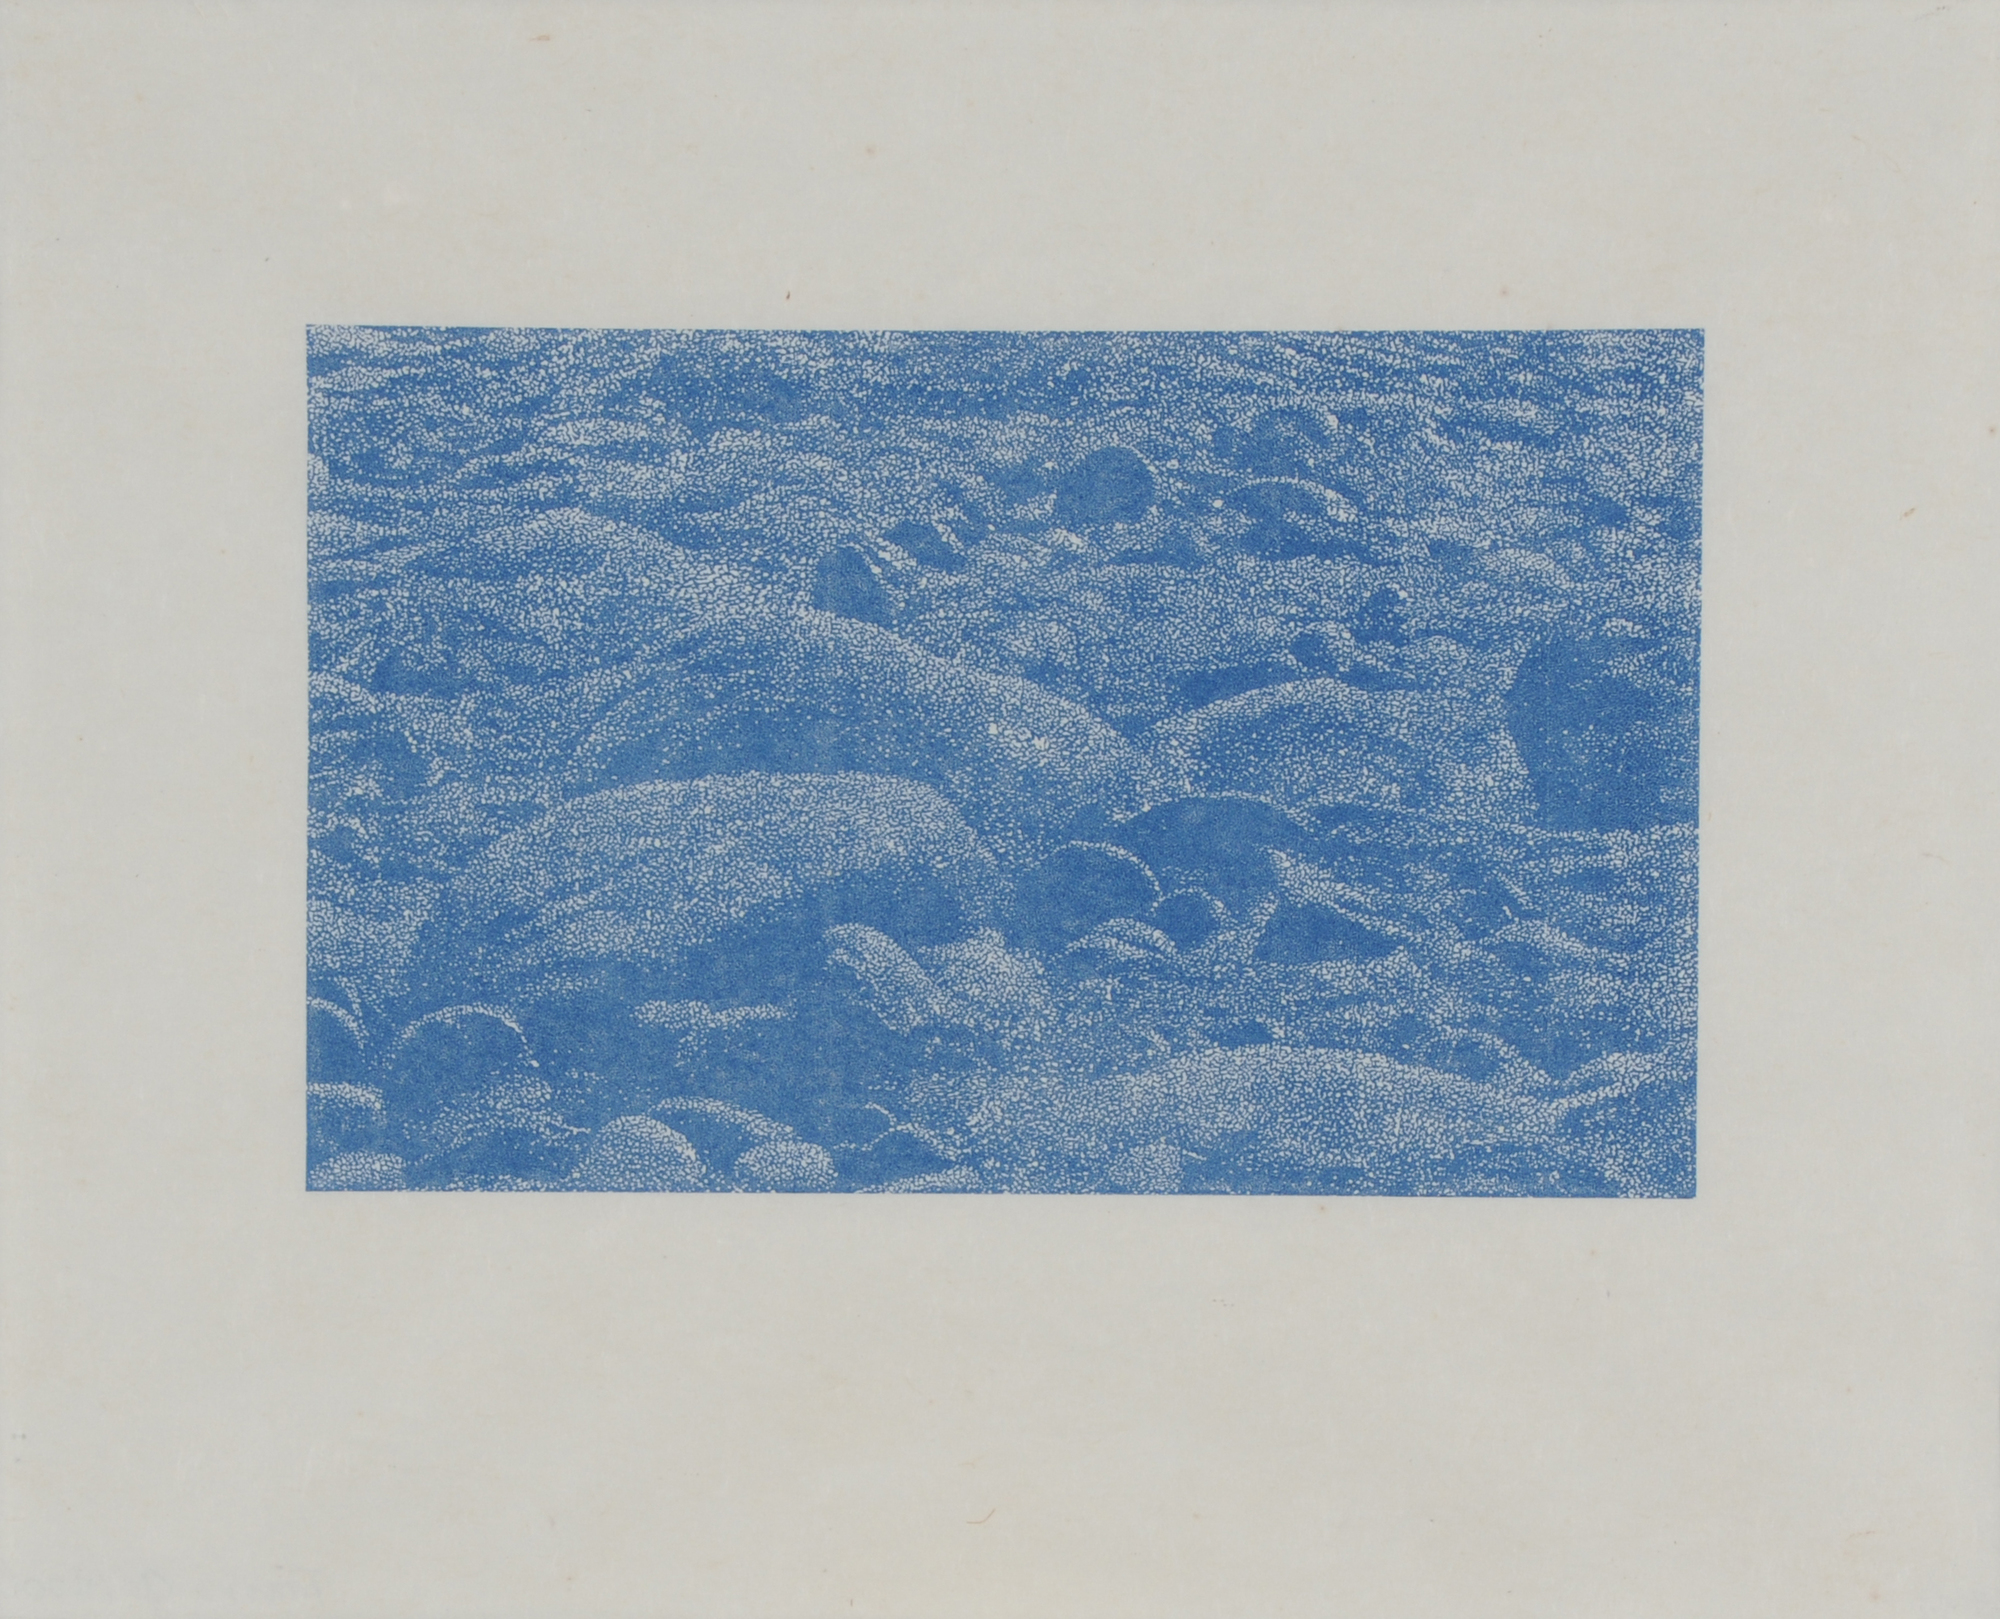 Gertsch Franz, Cima del mar (détail 2)